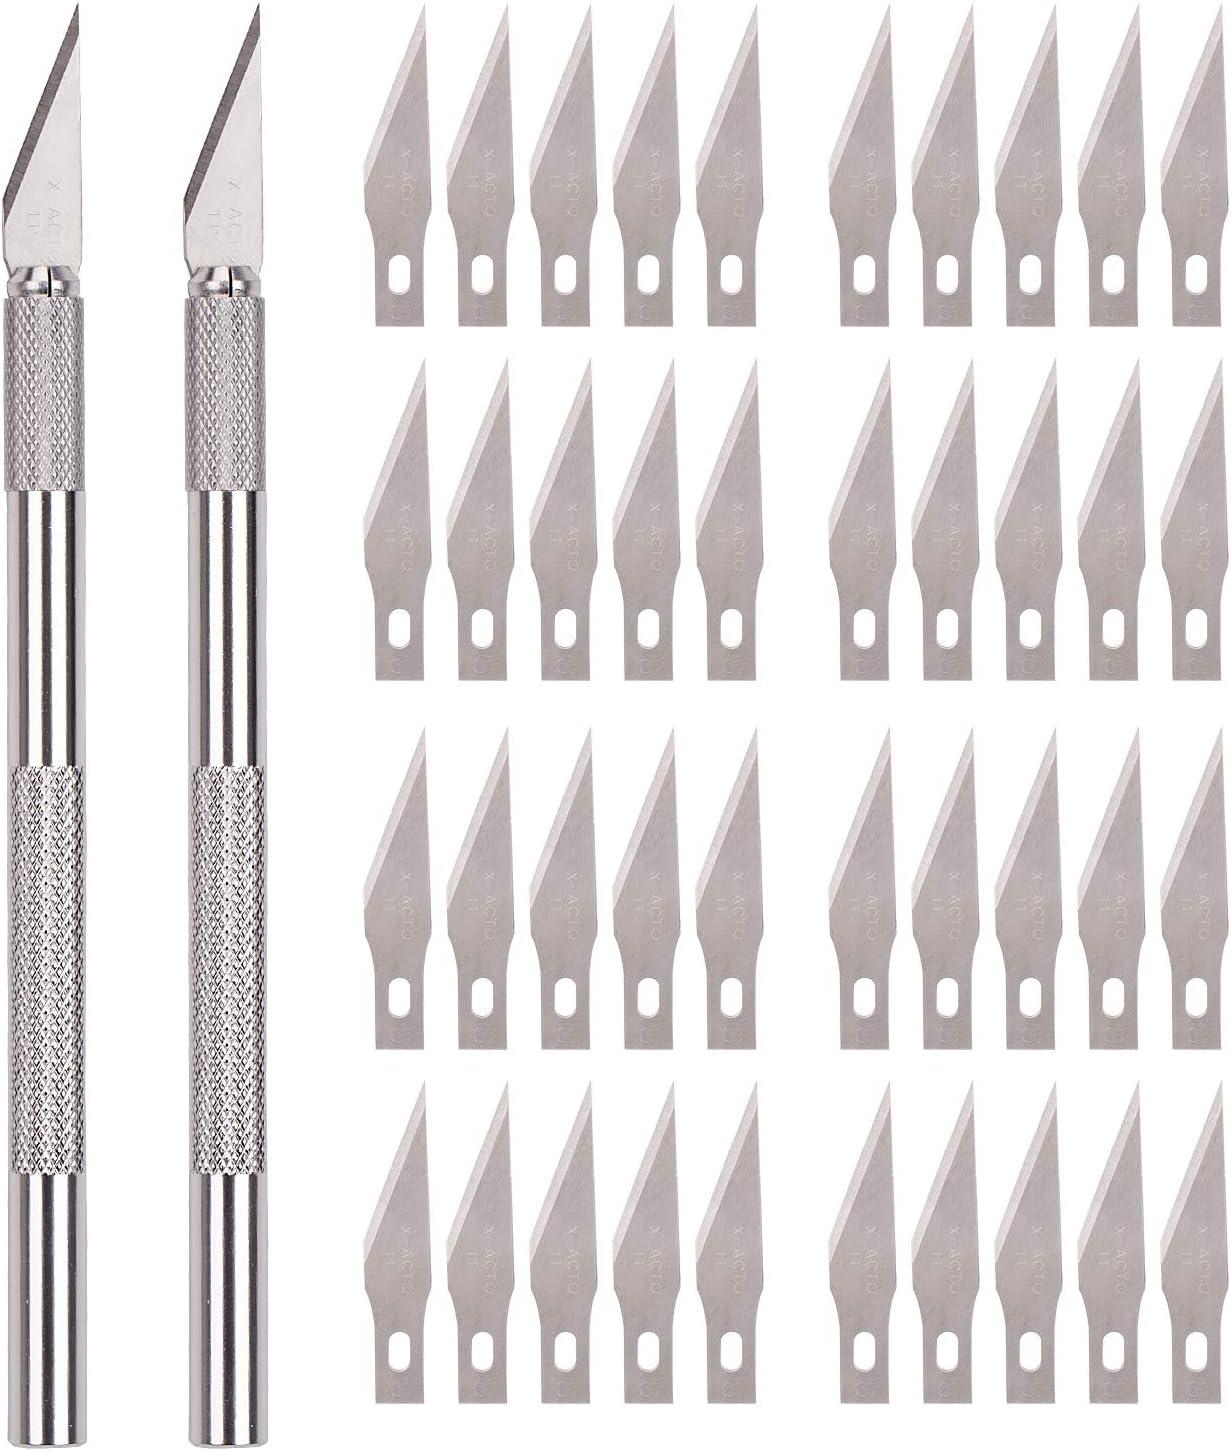 Savita - Juego de cuchillos de metal macizo para manualidades y manualidades, incluye 2 asas y 40 cuchillas de repuesto